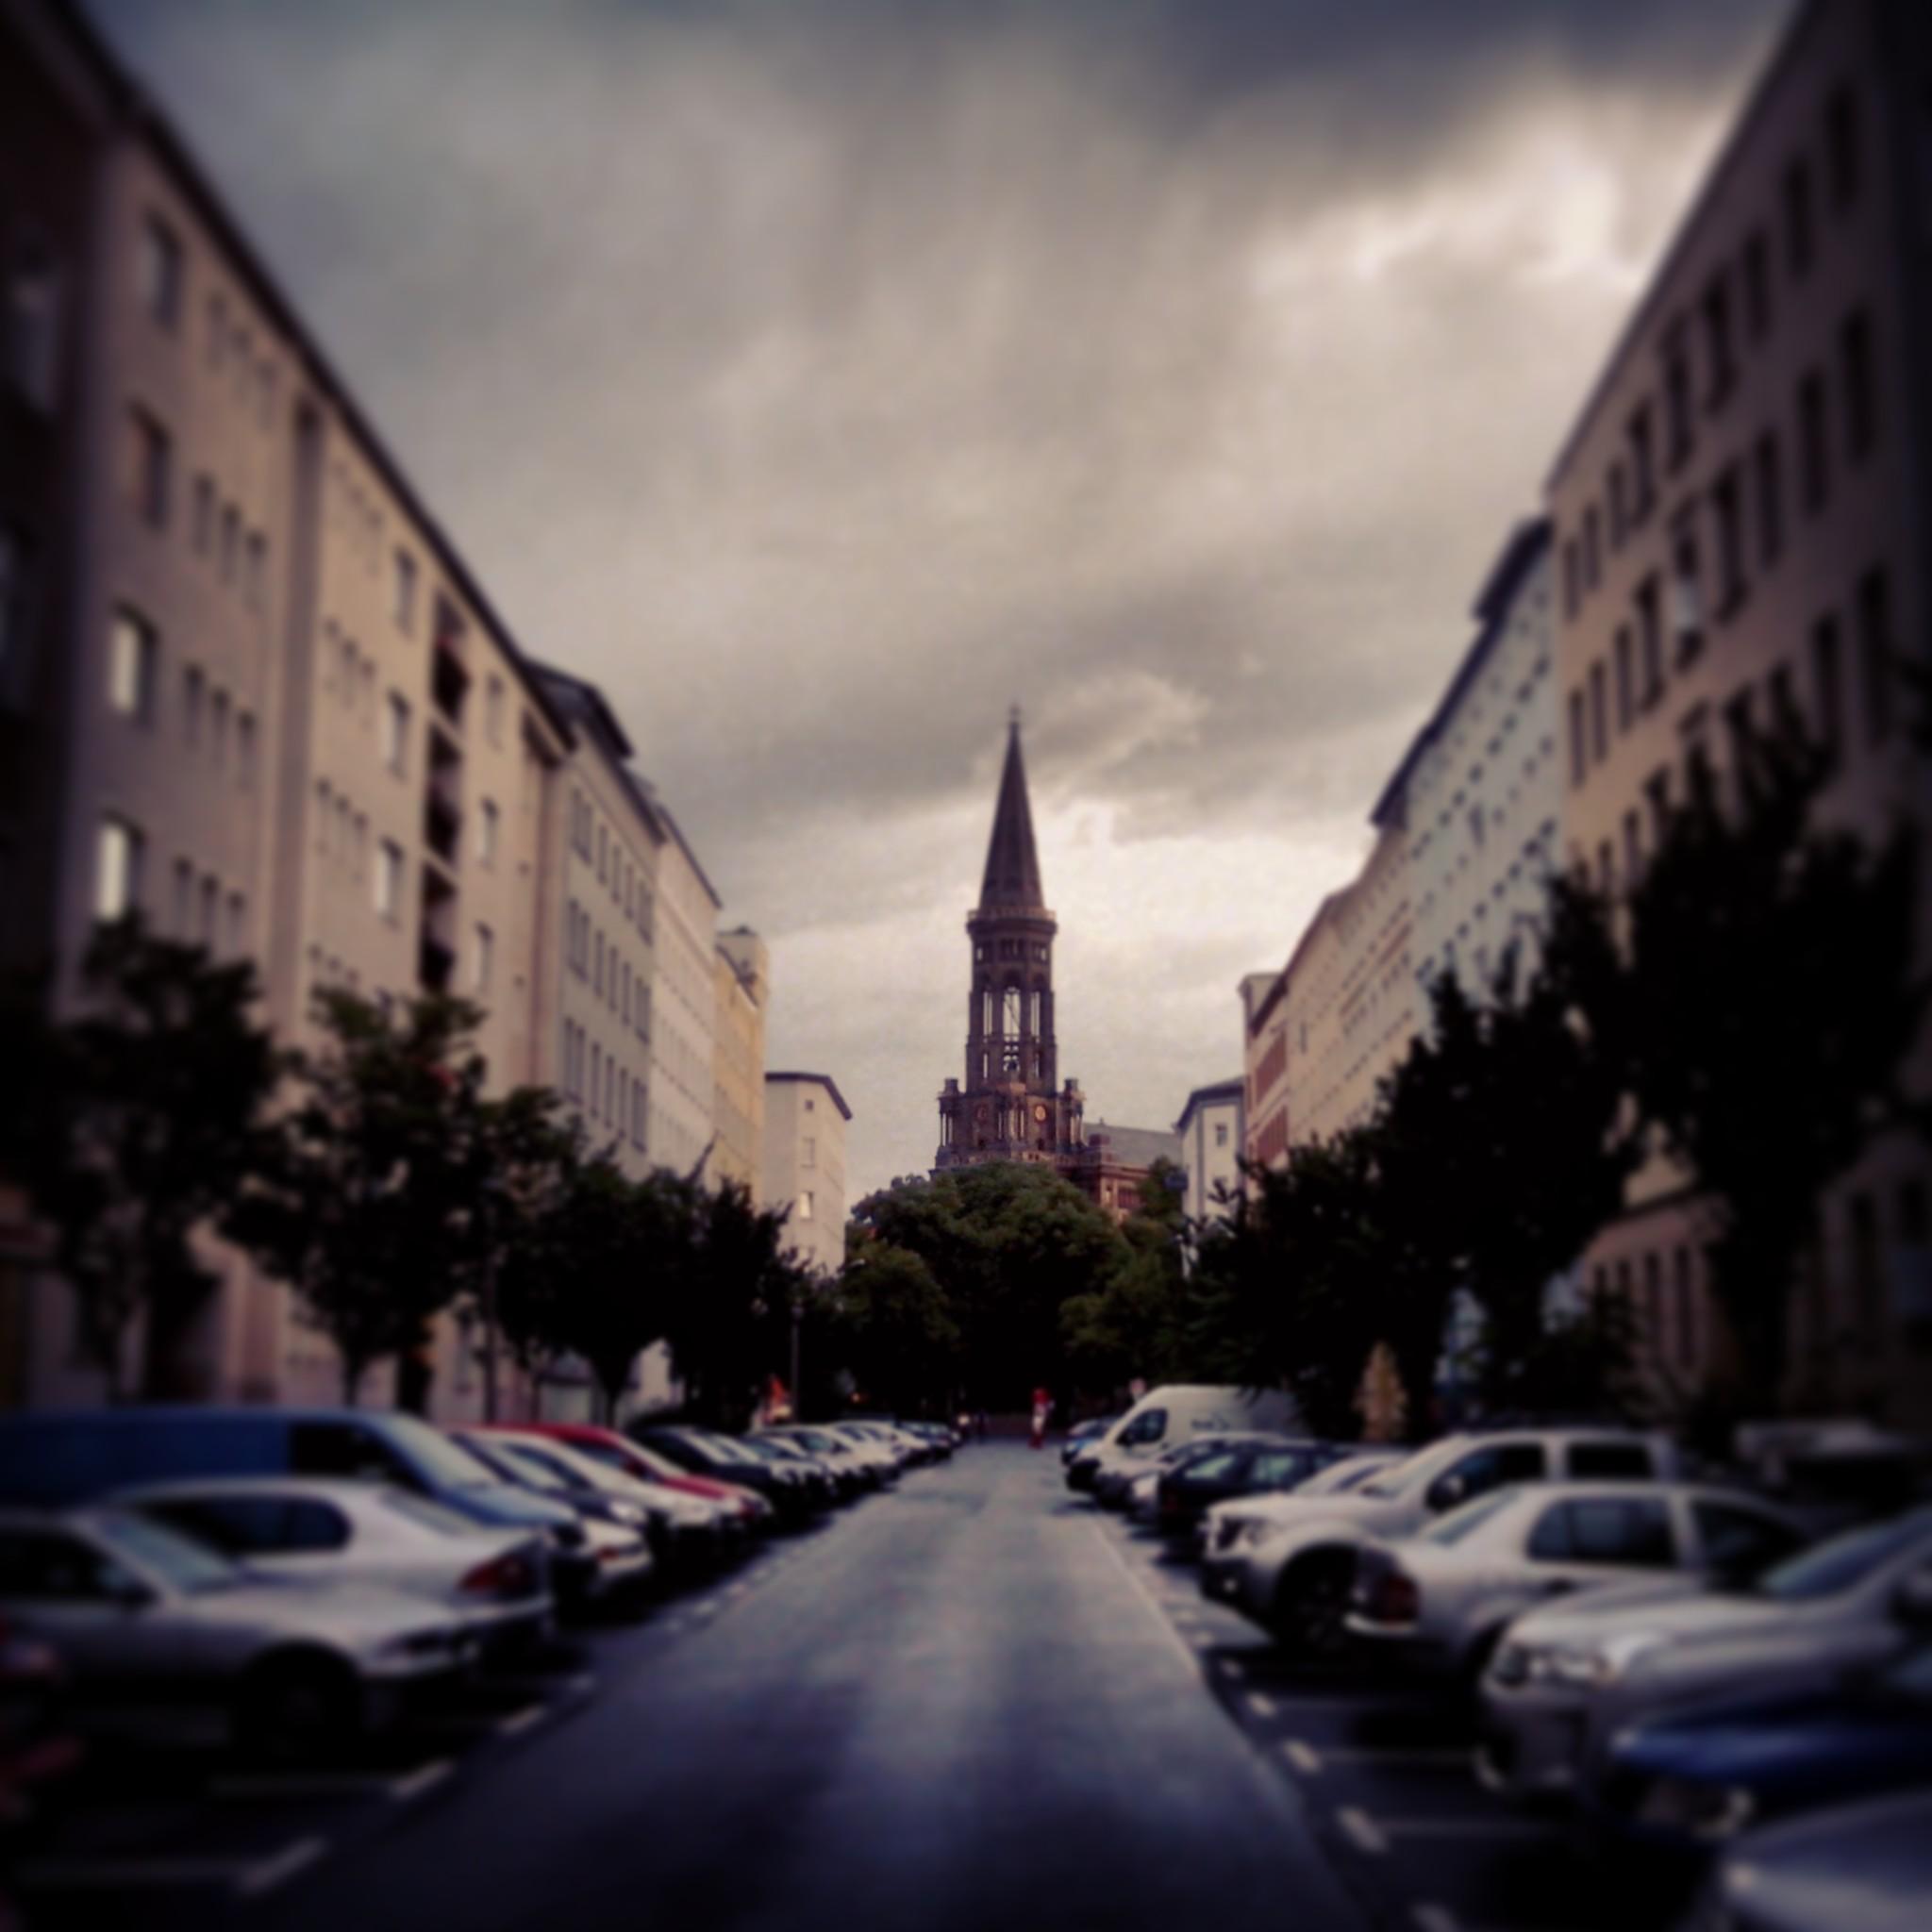 Vue sur la Zionskirche, dans le quartier de Berlin-Mitte.